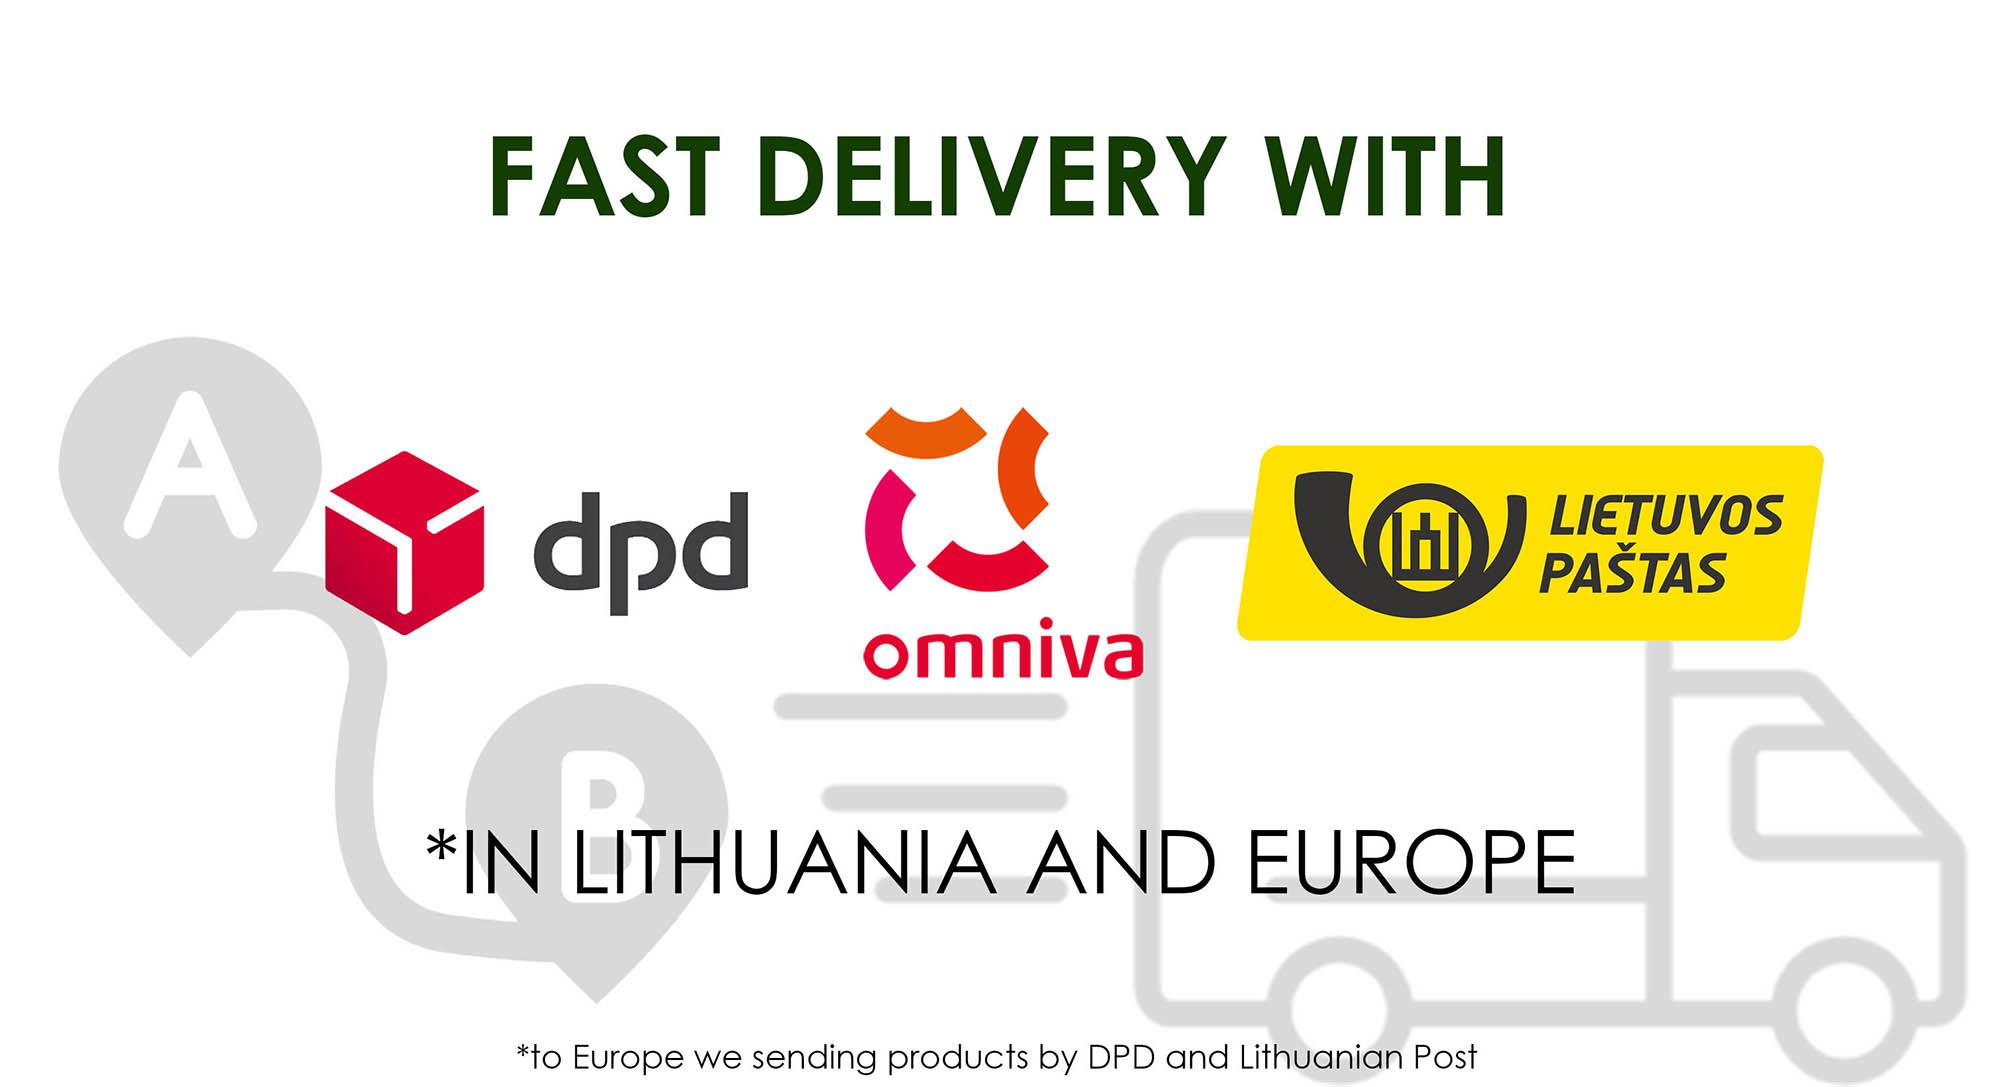 Pristatymas Lietuvoje ir Europoje EN